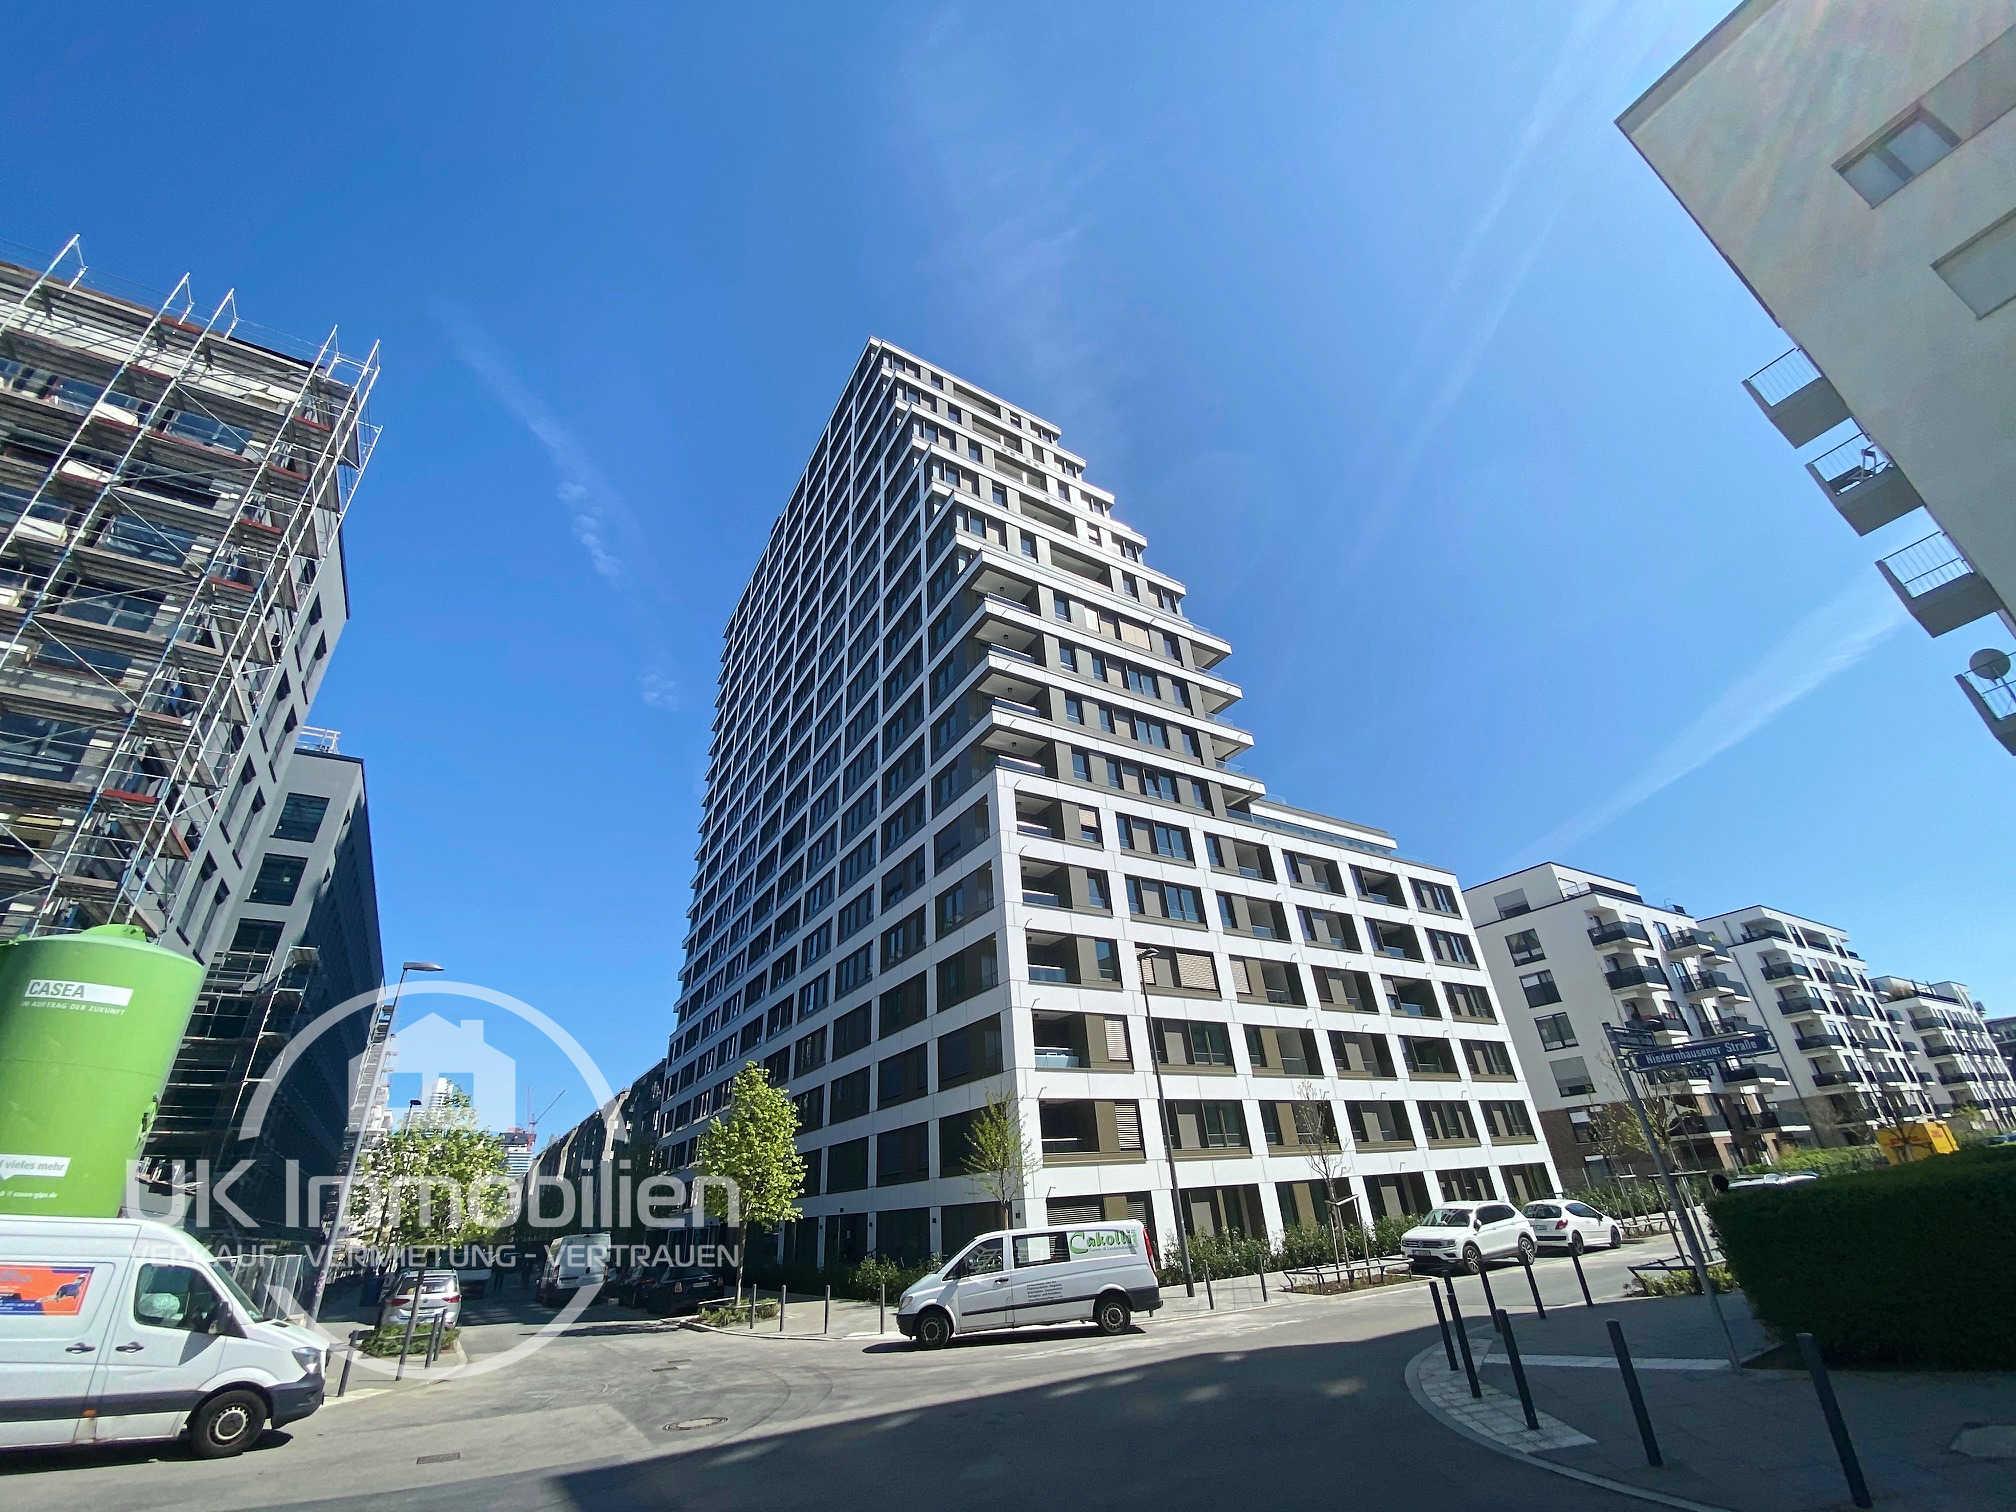 Immobilienmakler-Frankfurt-Europaviertel, Niedernhausener-Strasse 13, Solid, SOLID-HOME